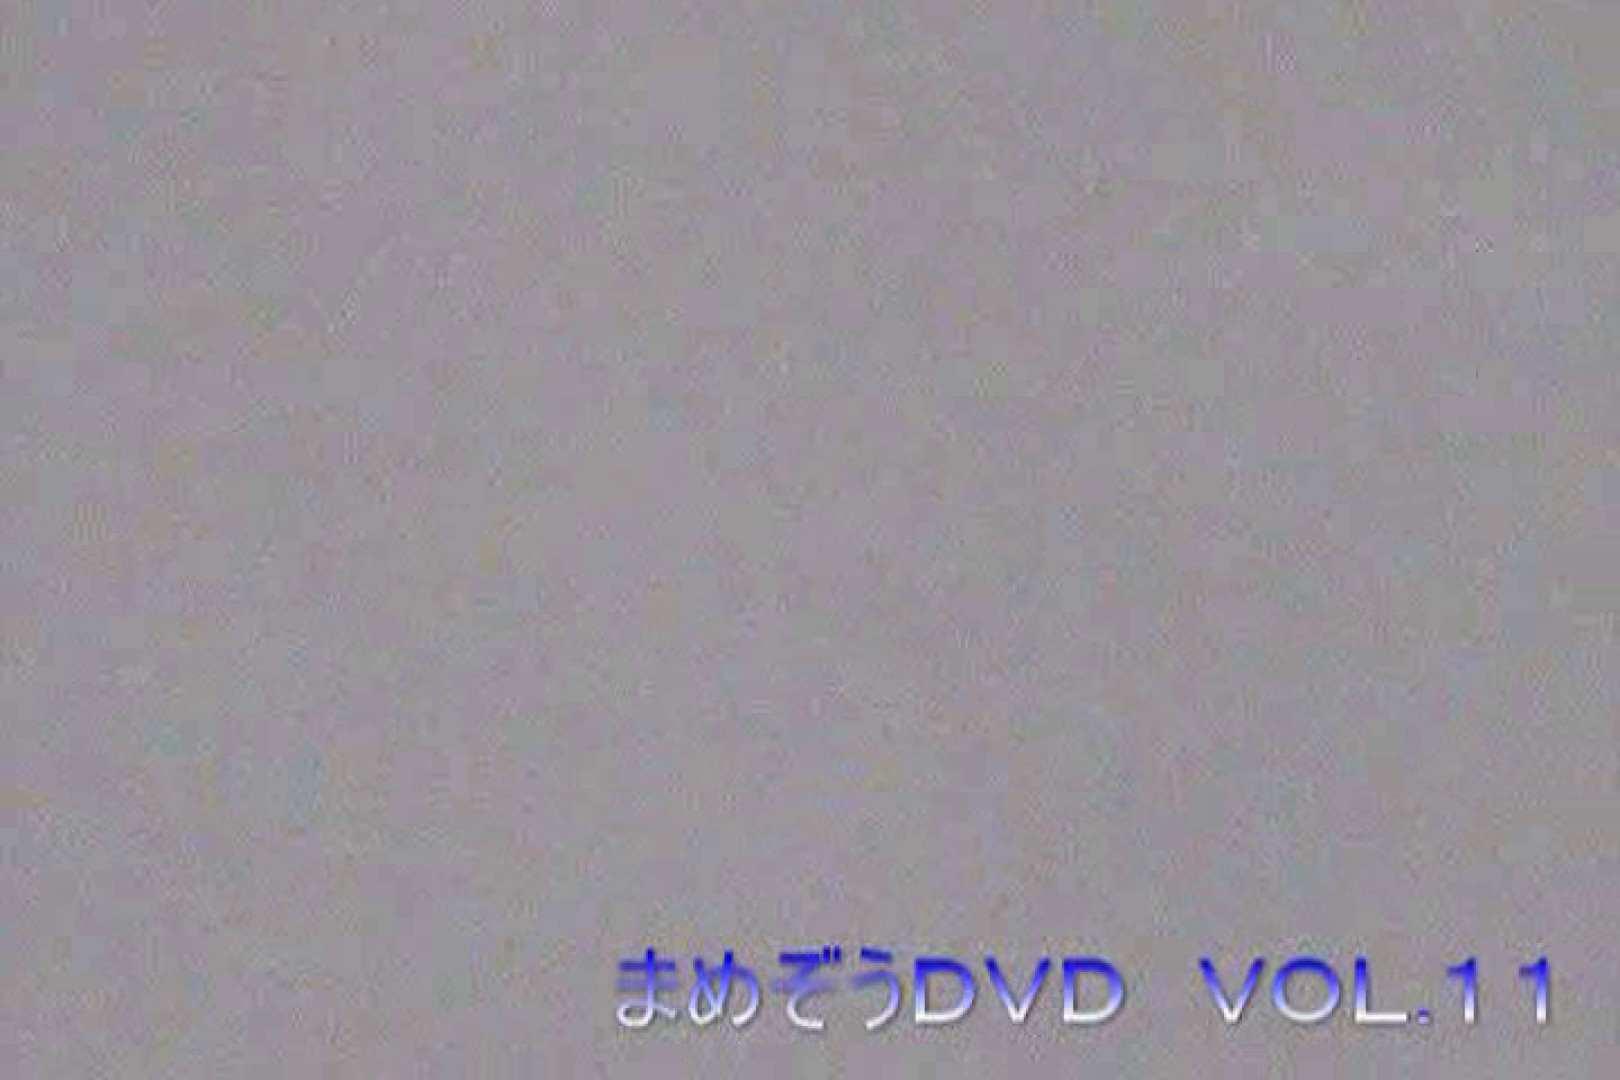 まめぞうDVD完全版VOL.11 ギャル  57pic 19